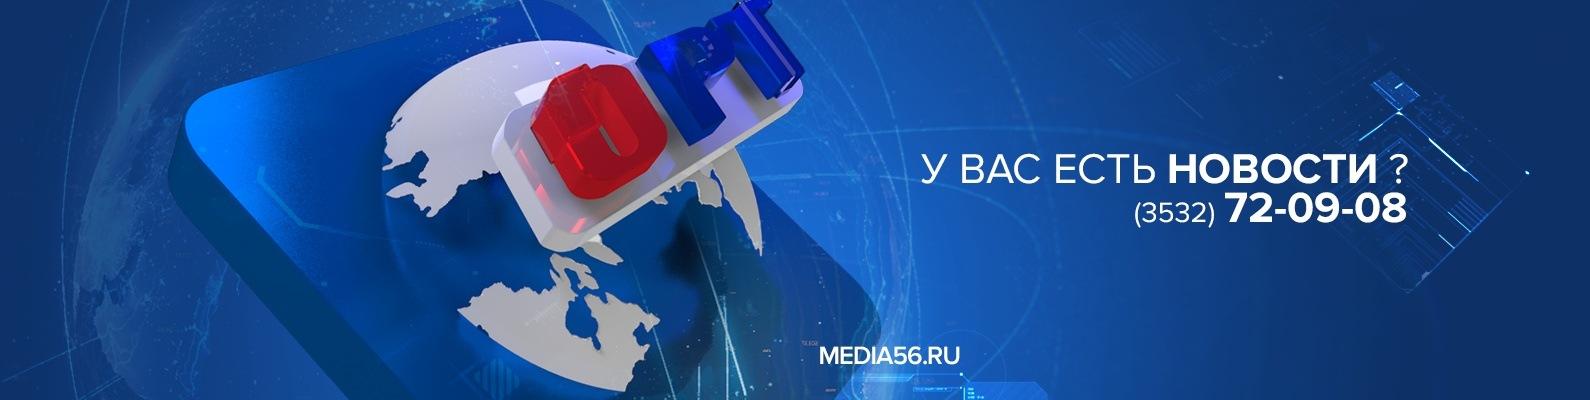 Орт оренбург официальный сайт новости сайт дай новость